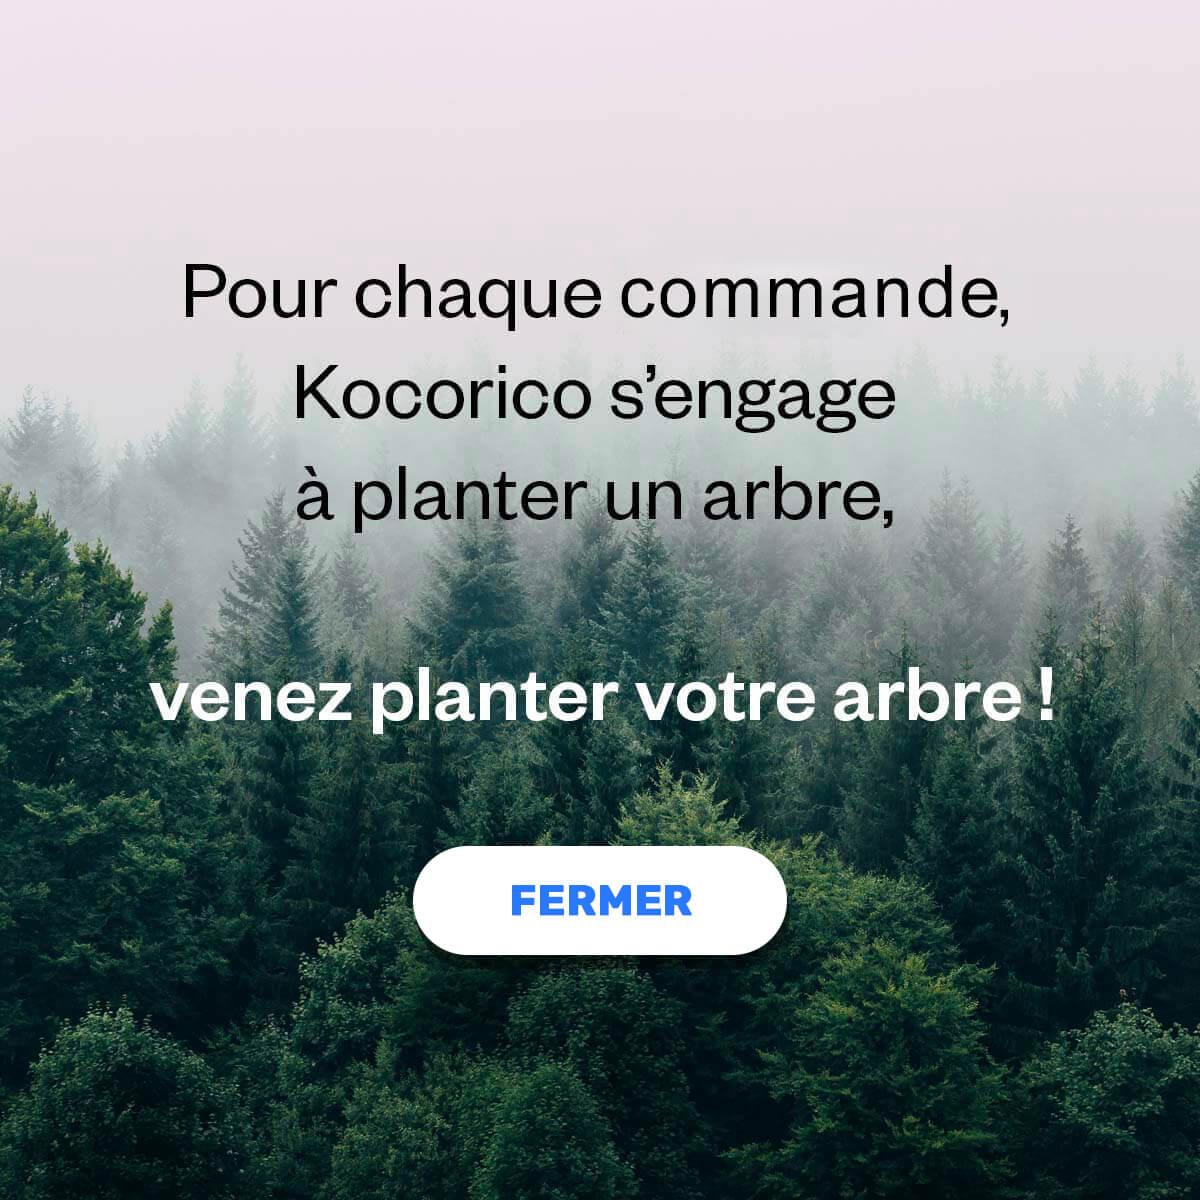 Pour chaque commande, Kocorico s'engage à planter un arbre